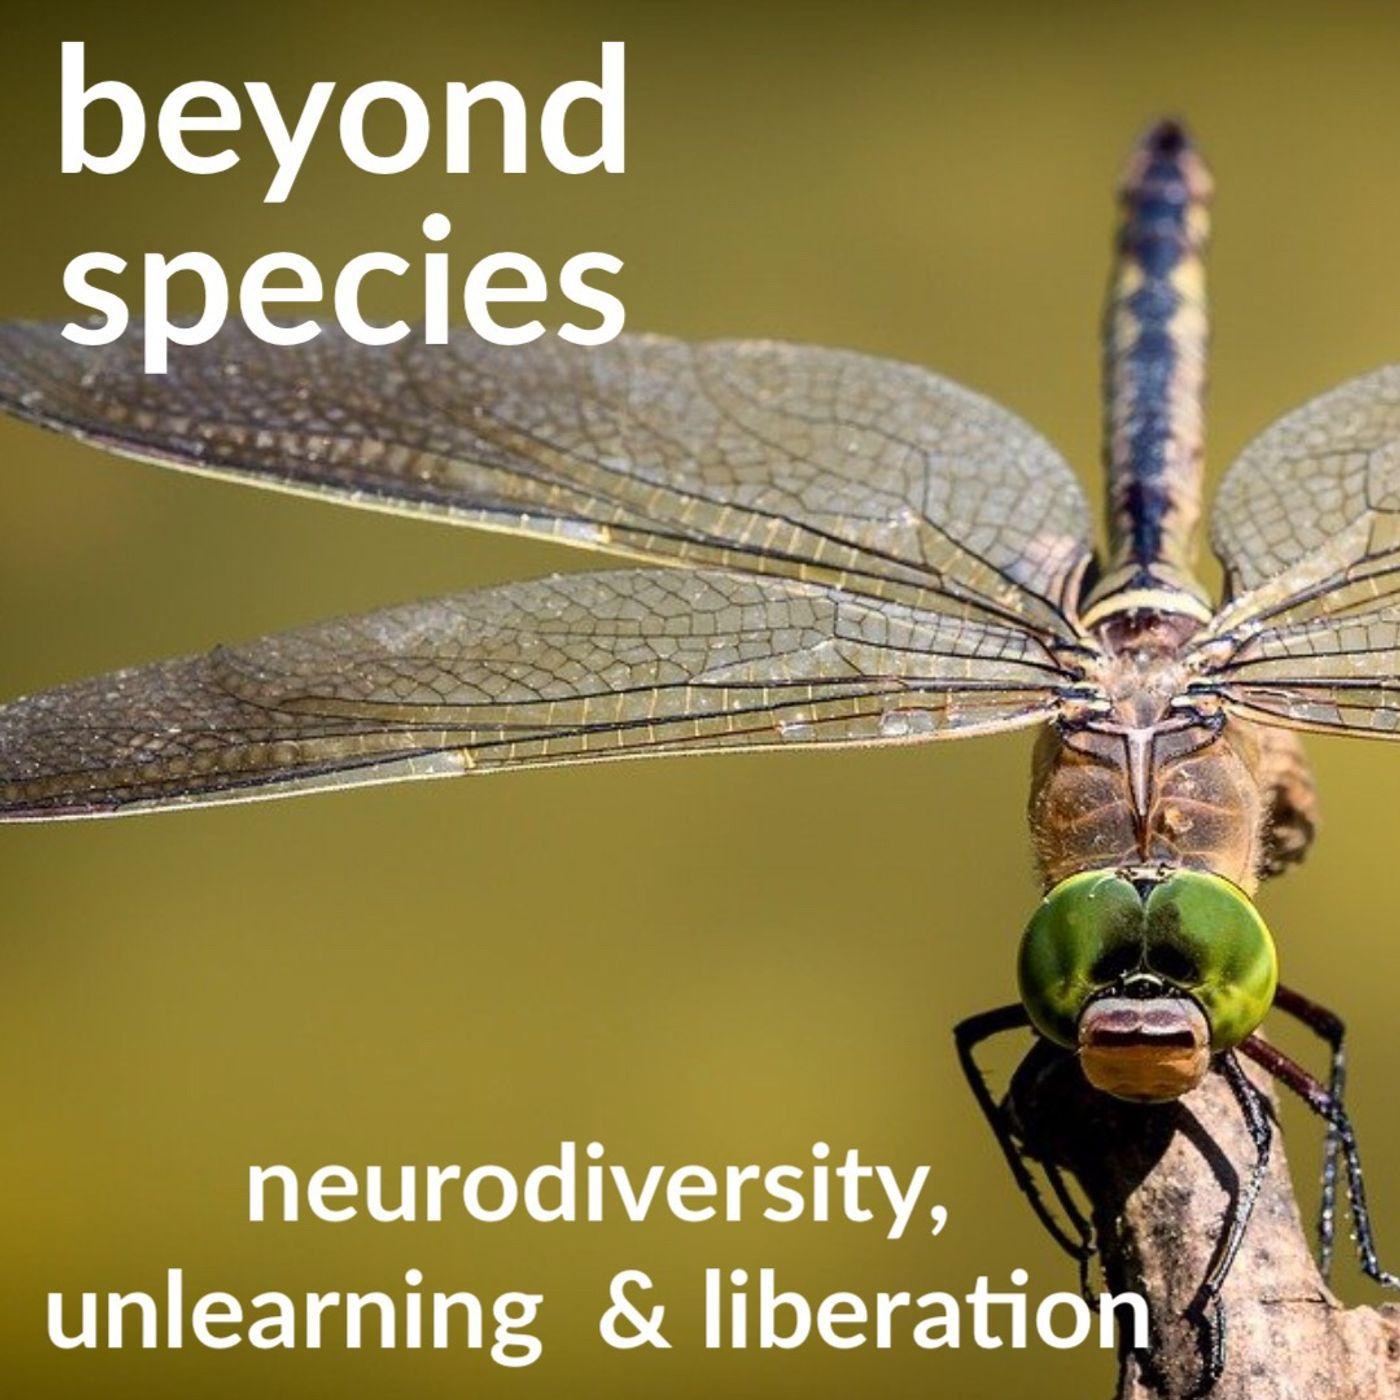 Neurodiversity, Unlearning & Liberation